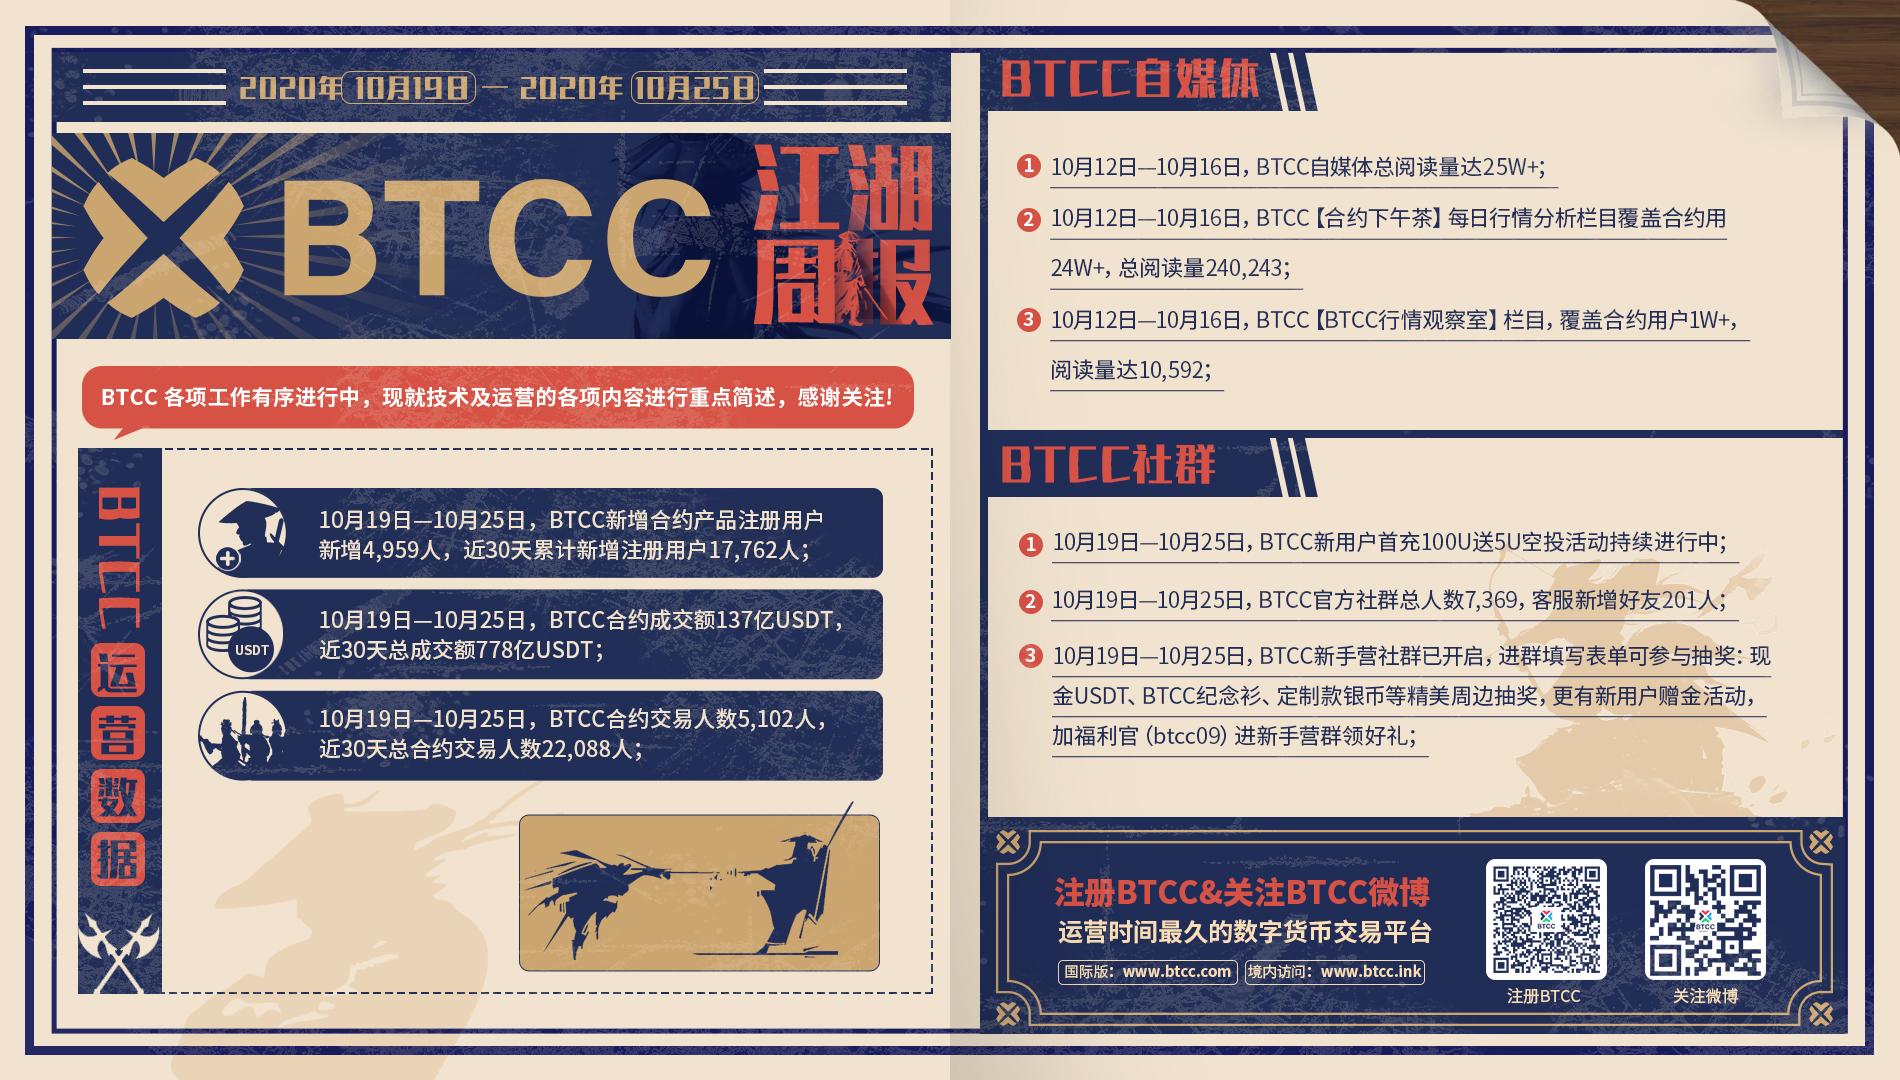 BTCC江湖周报 (2020年10月19日 — 2020年10月25日)